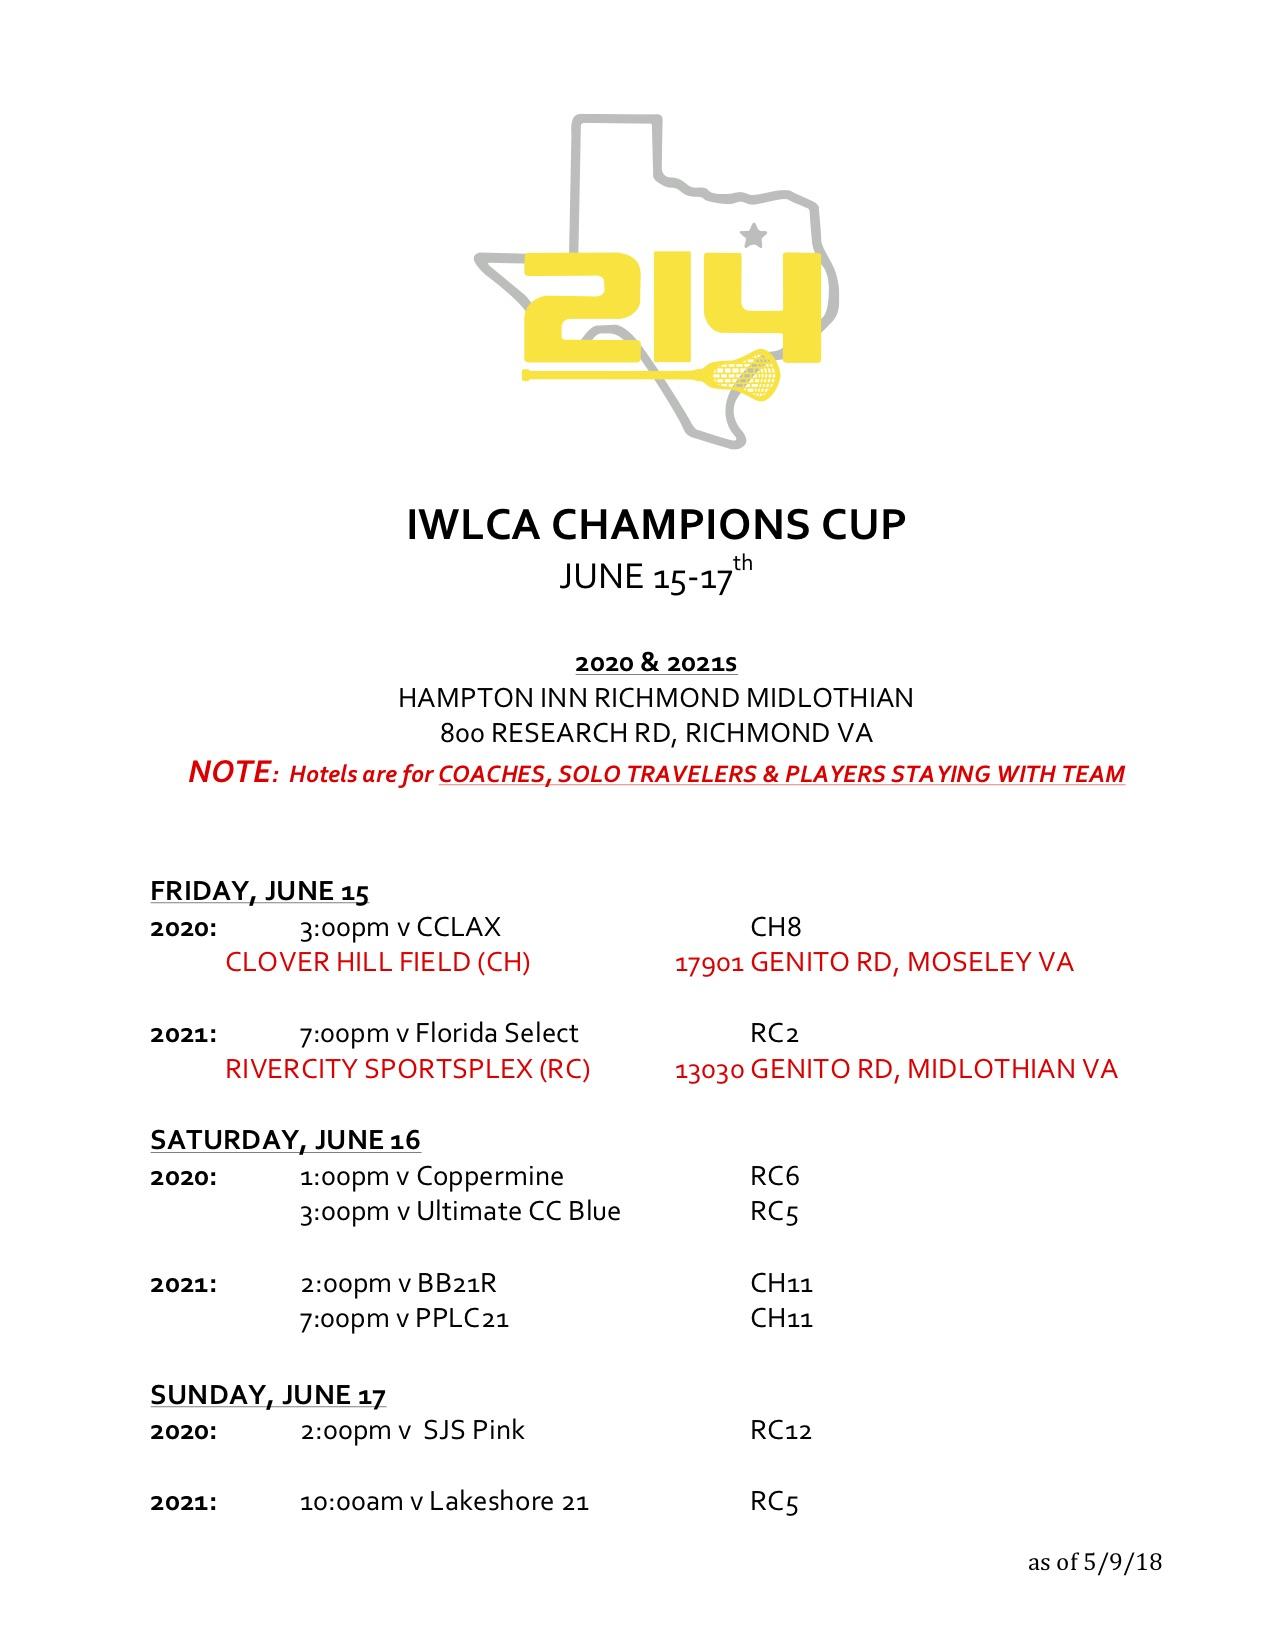 IWLCA CHAMP CUP18 SCHEDULE.FIELDS.HOTELS.jpg